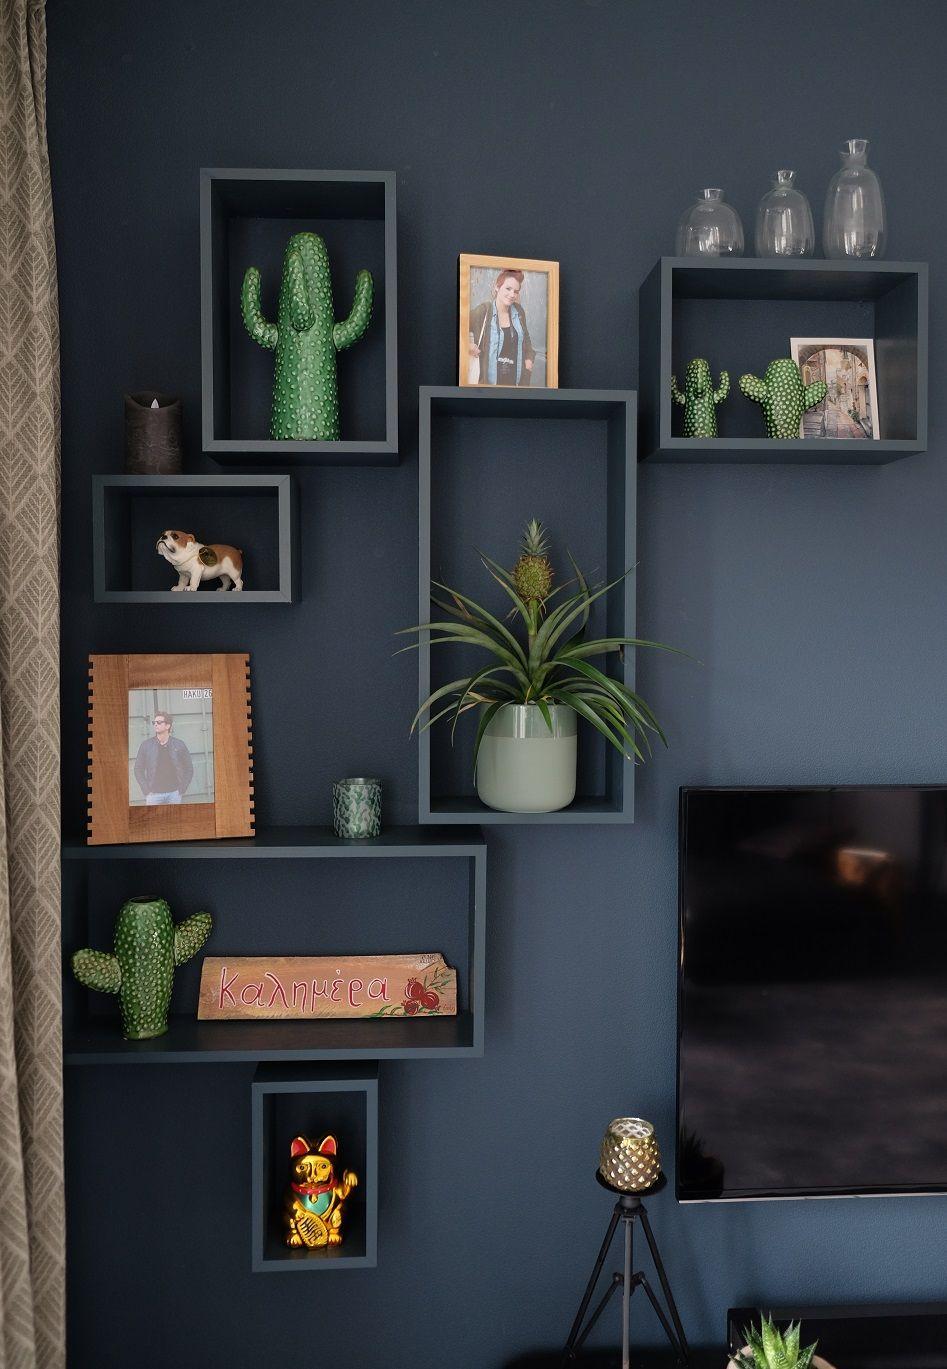 Botanische Decoratie En Wanddecoratie Of Wandkasten Planten Plants Urbanjungle Interie Woonkamer Decoratie Huis Ideeen Decoratie Woonkamer Wanddecoratie